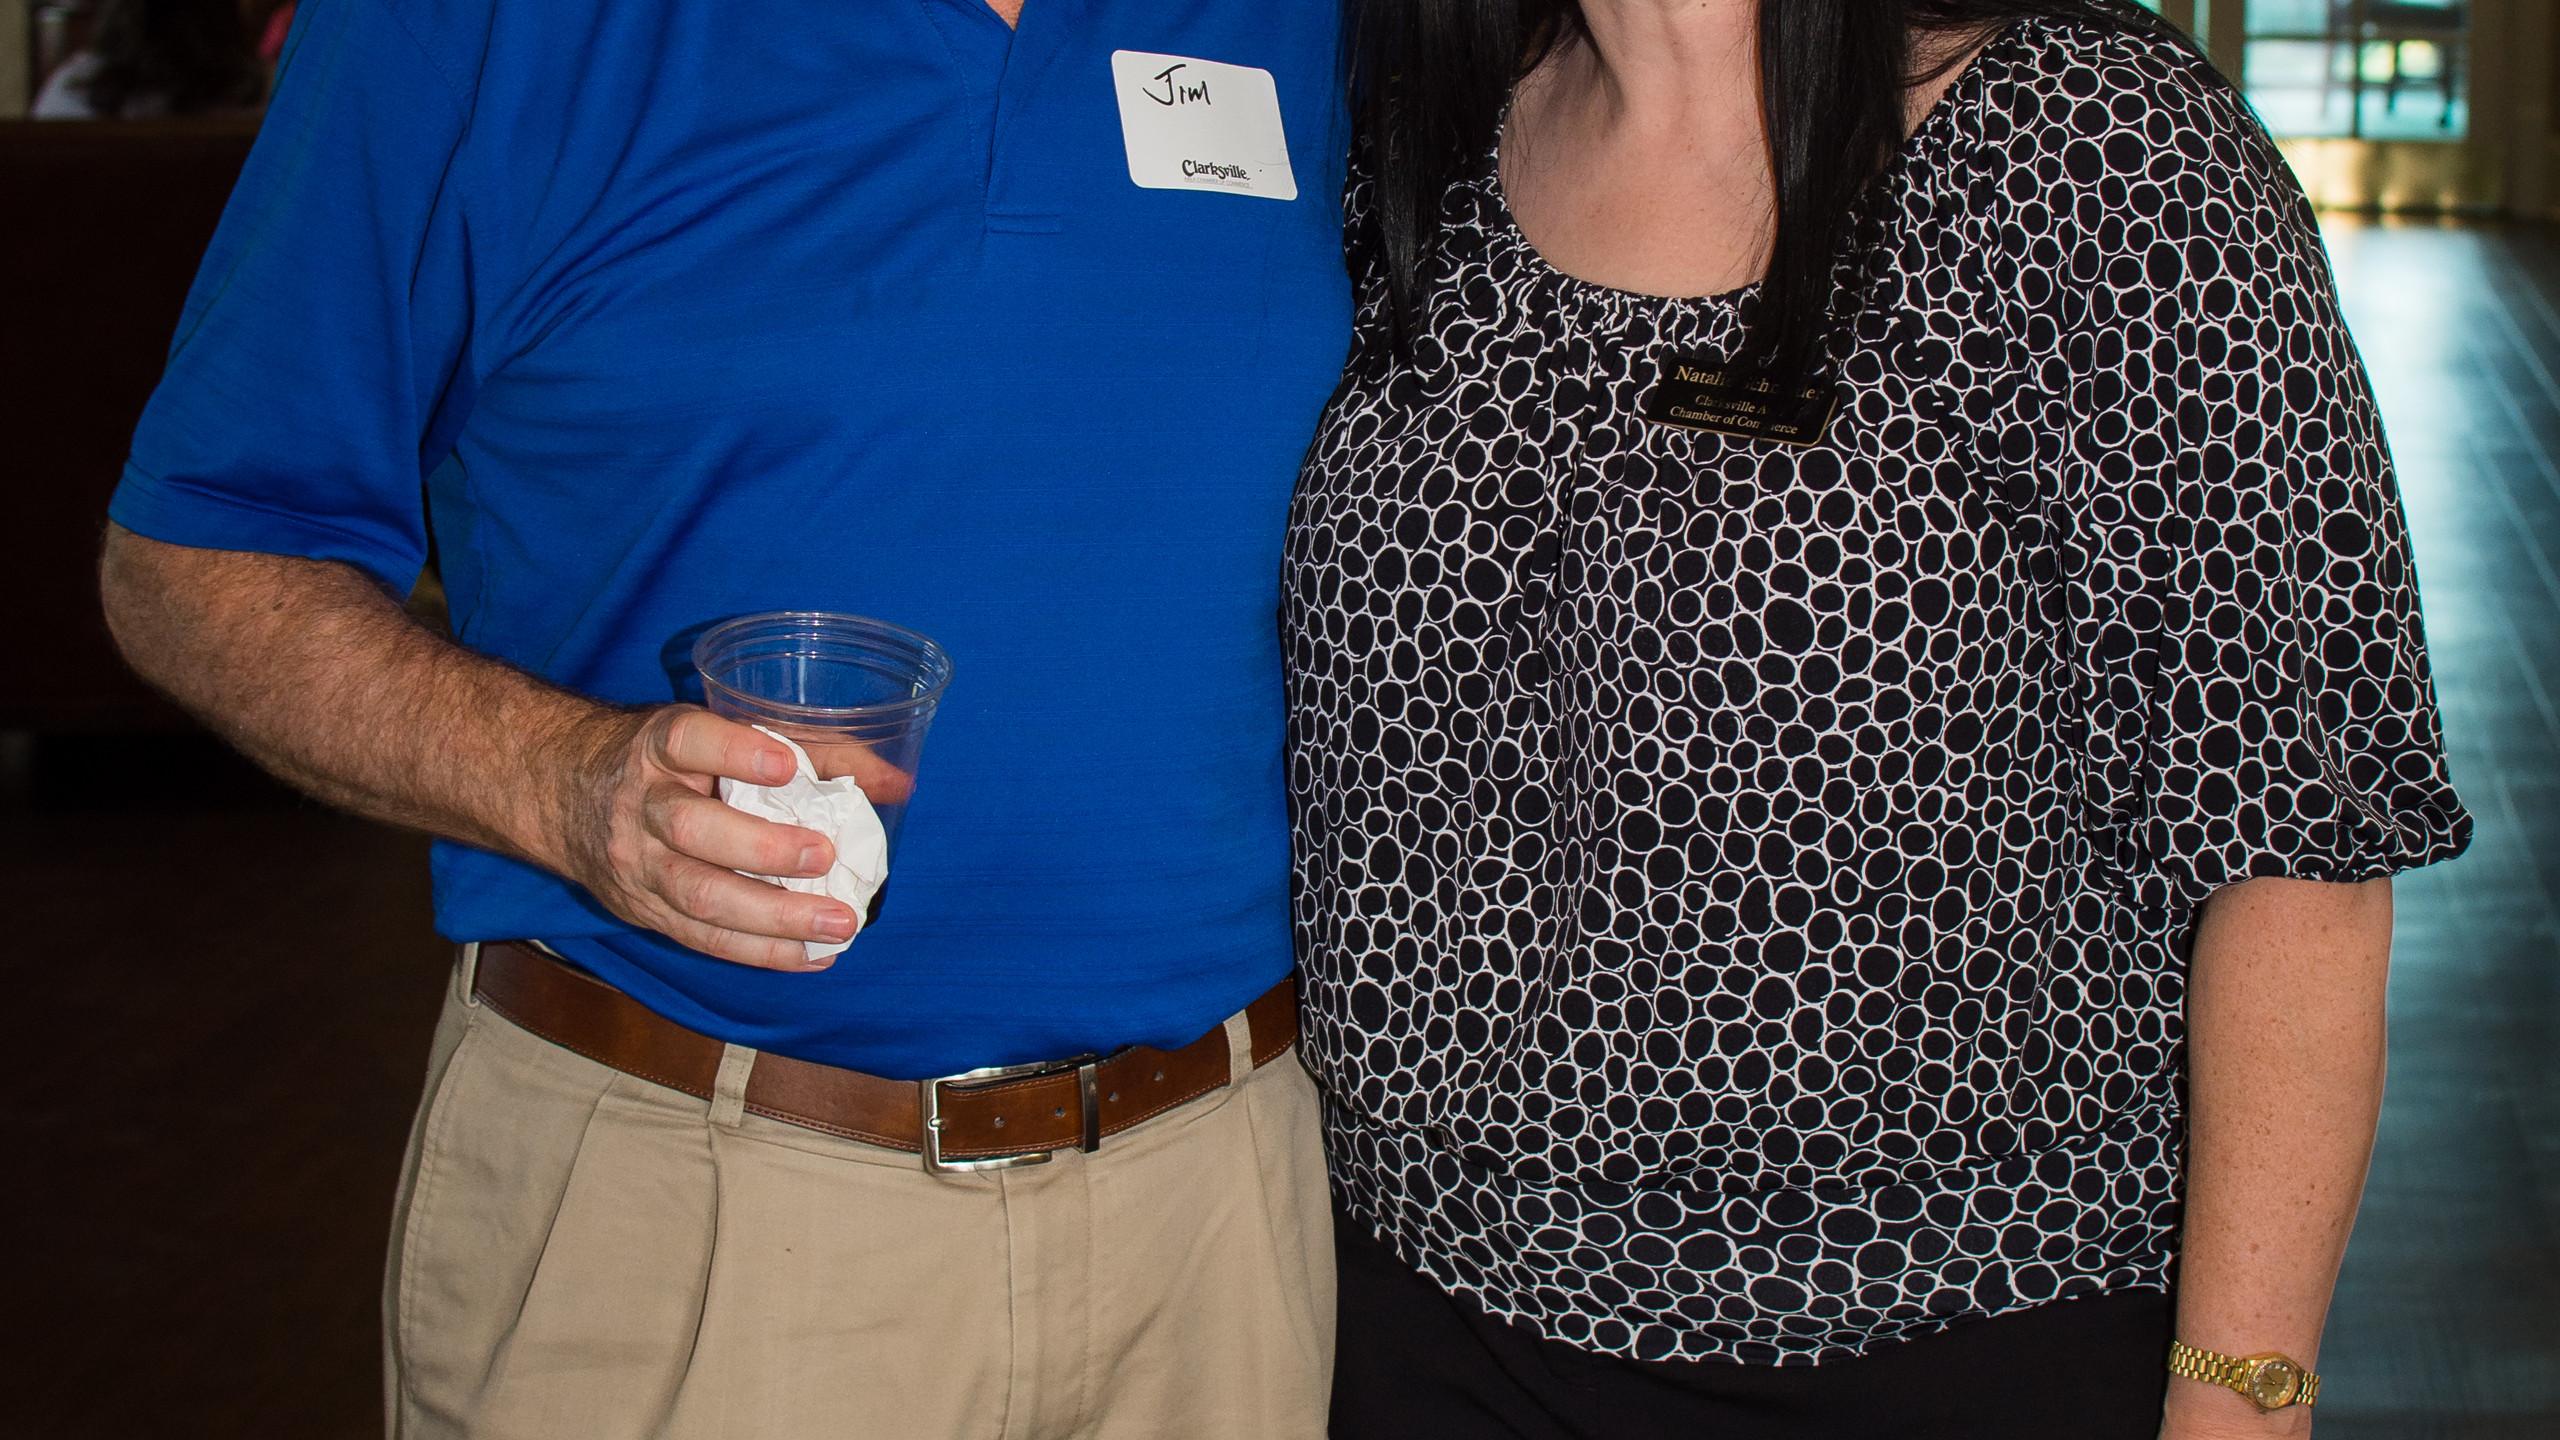 Jim Jay and Natalie Schneider